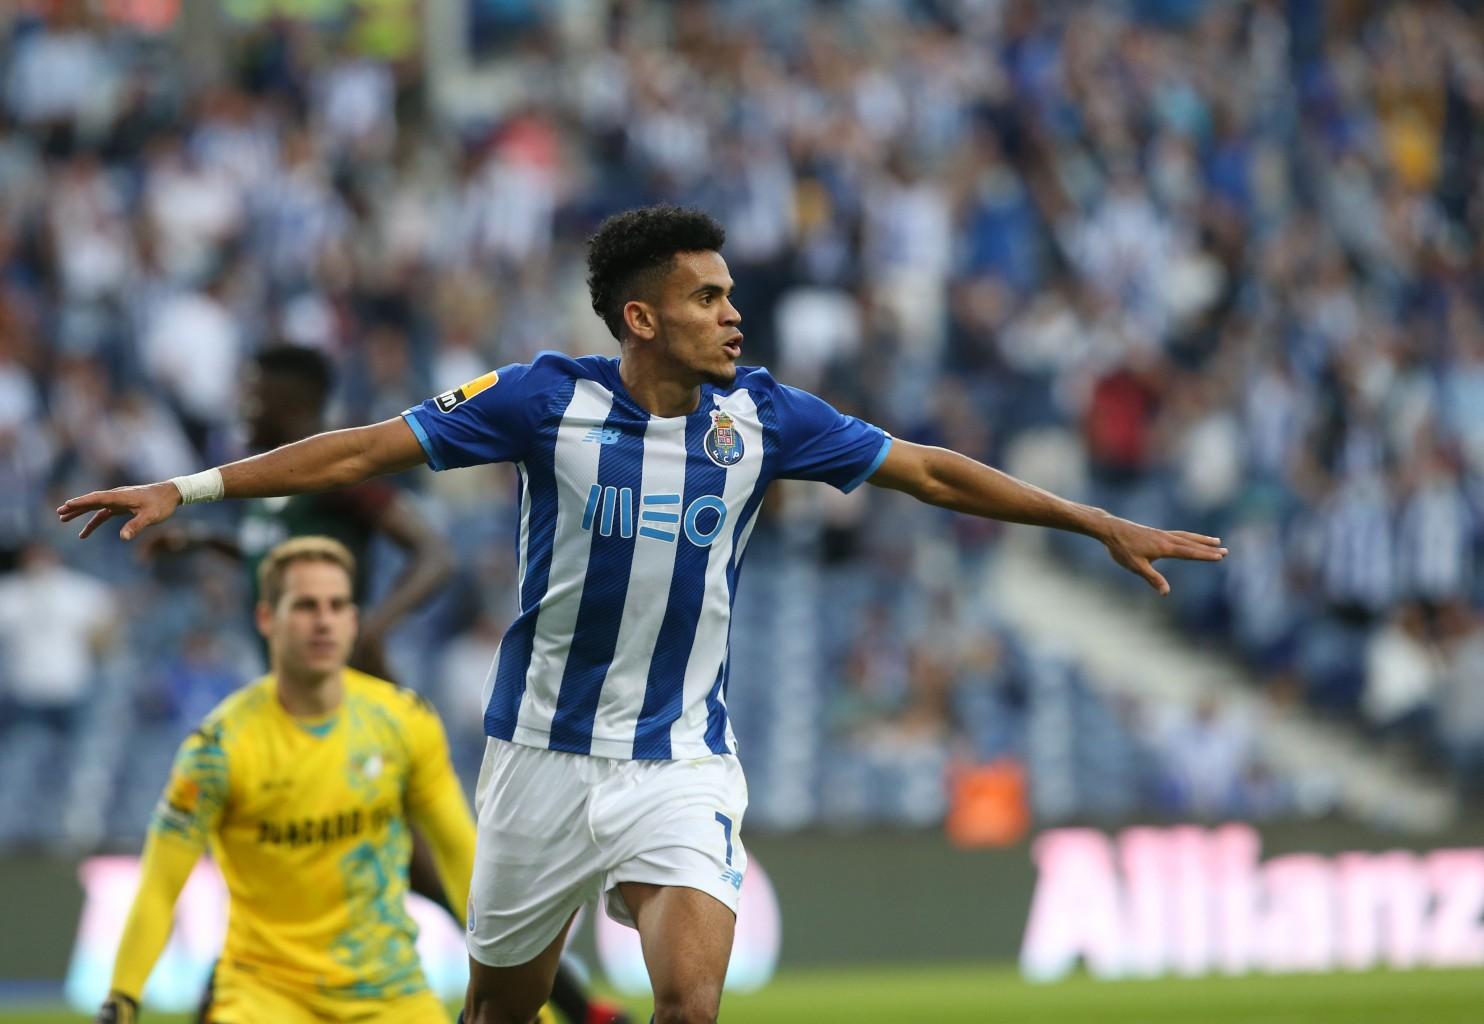 Porto golea 5-0 a Moreirense y Mehdi Taremi firma doblete